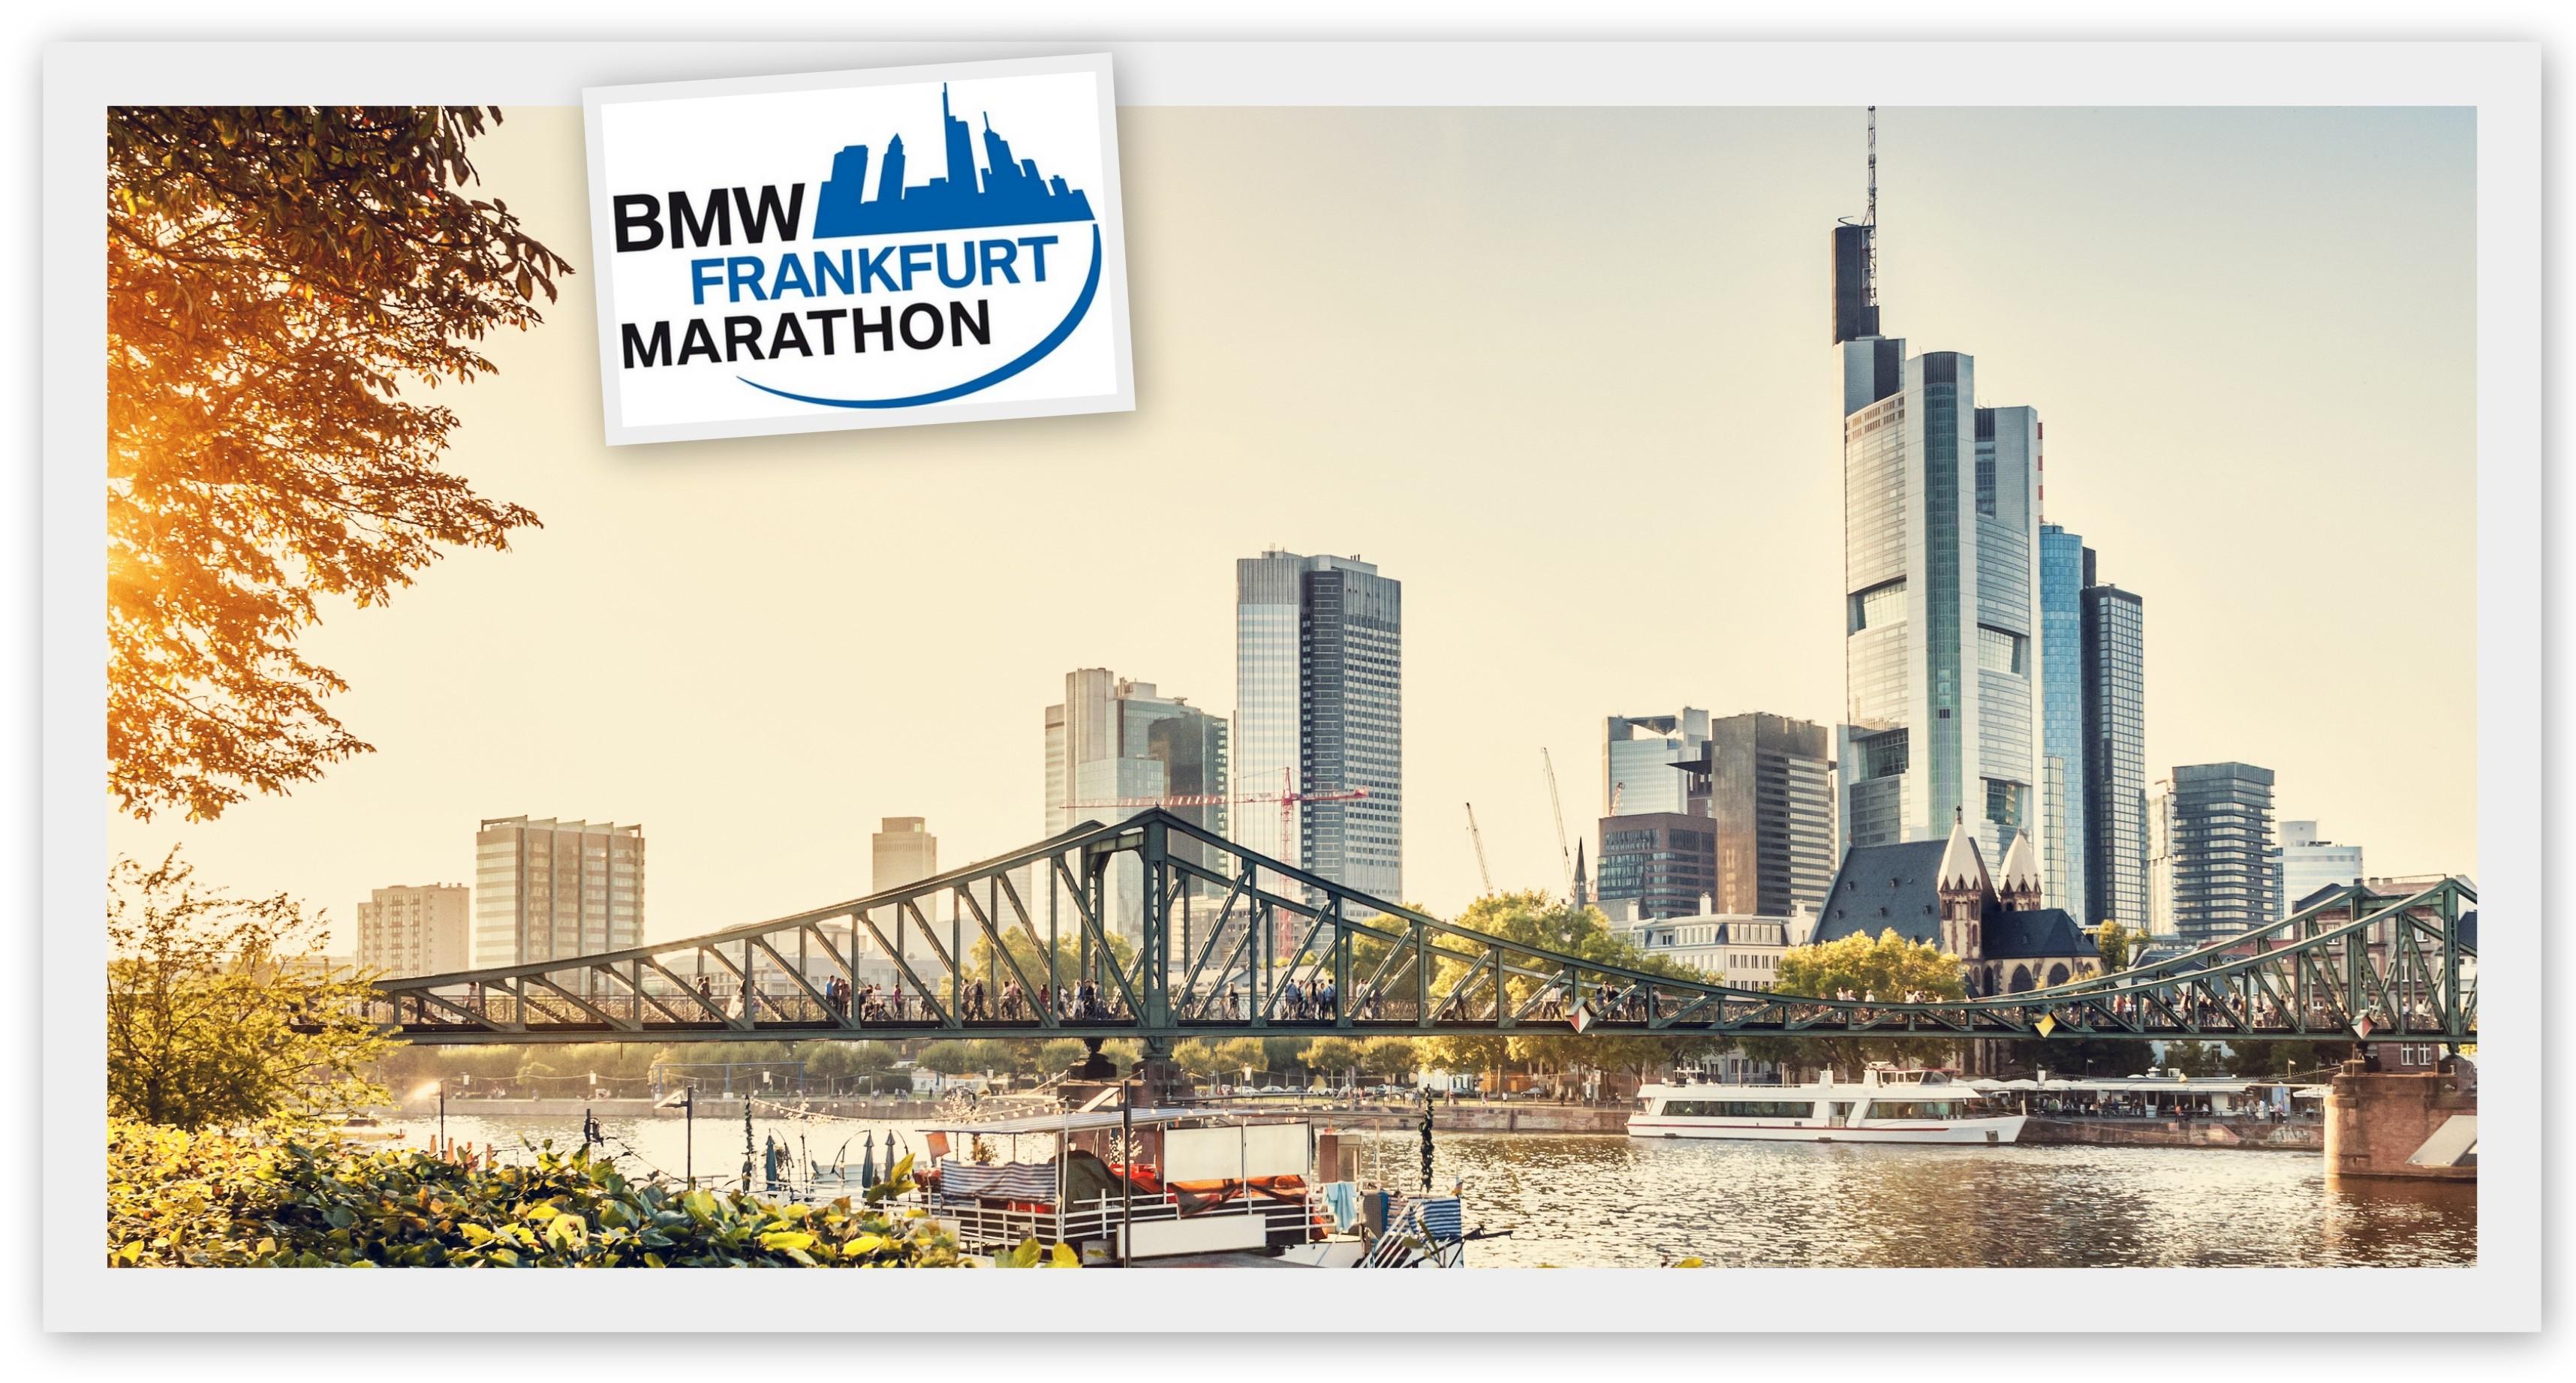 BMW Frankfurt Marathon FFM Halbmarathon Kinder Ausschreibung Fotos Bilder Bericht Anmeldung Nachmeldung Ummeldung Blog Ergebnisse Dahl Alf